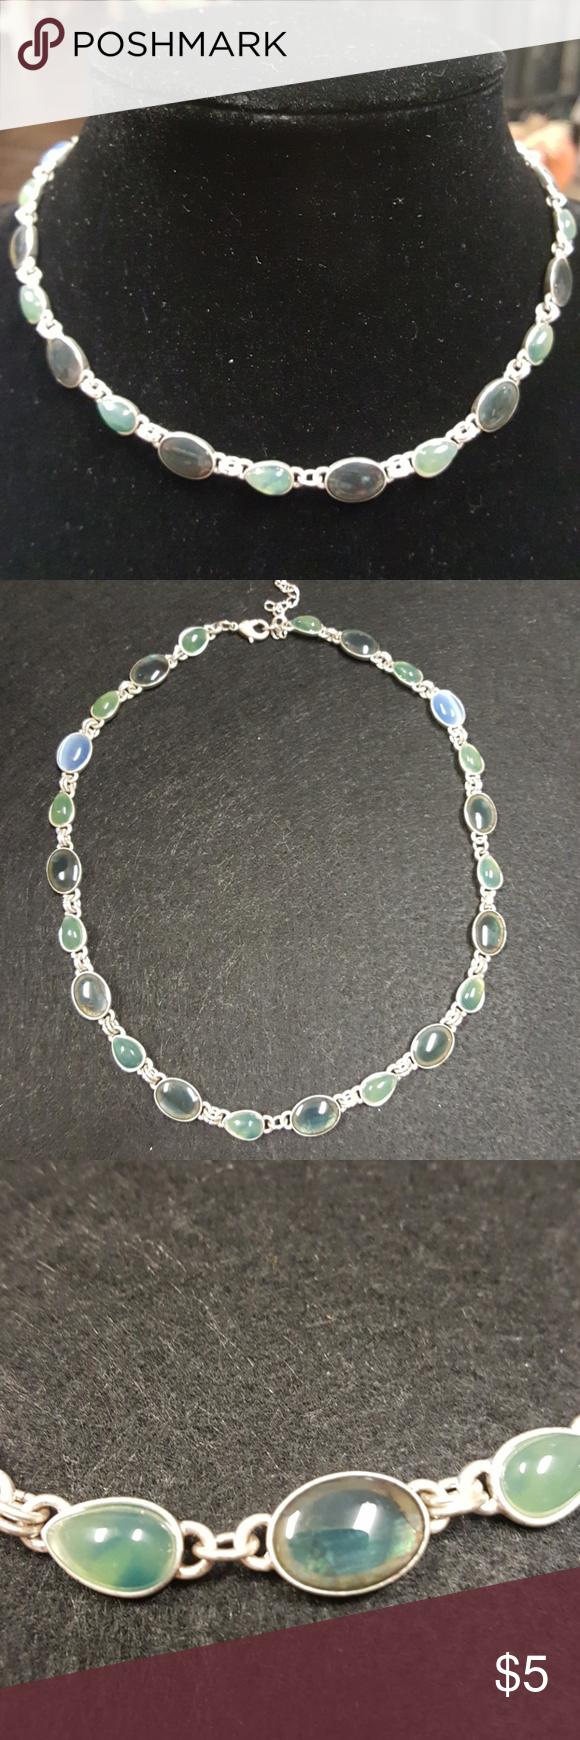 Lauren Conrad Statement Necklace   Lauren conrad jewelry ...